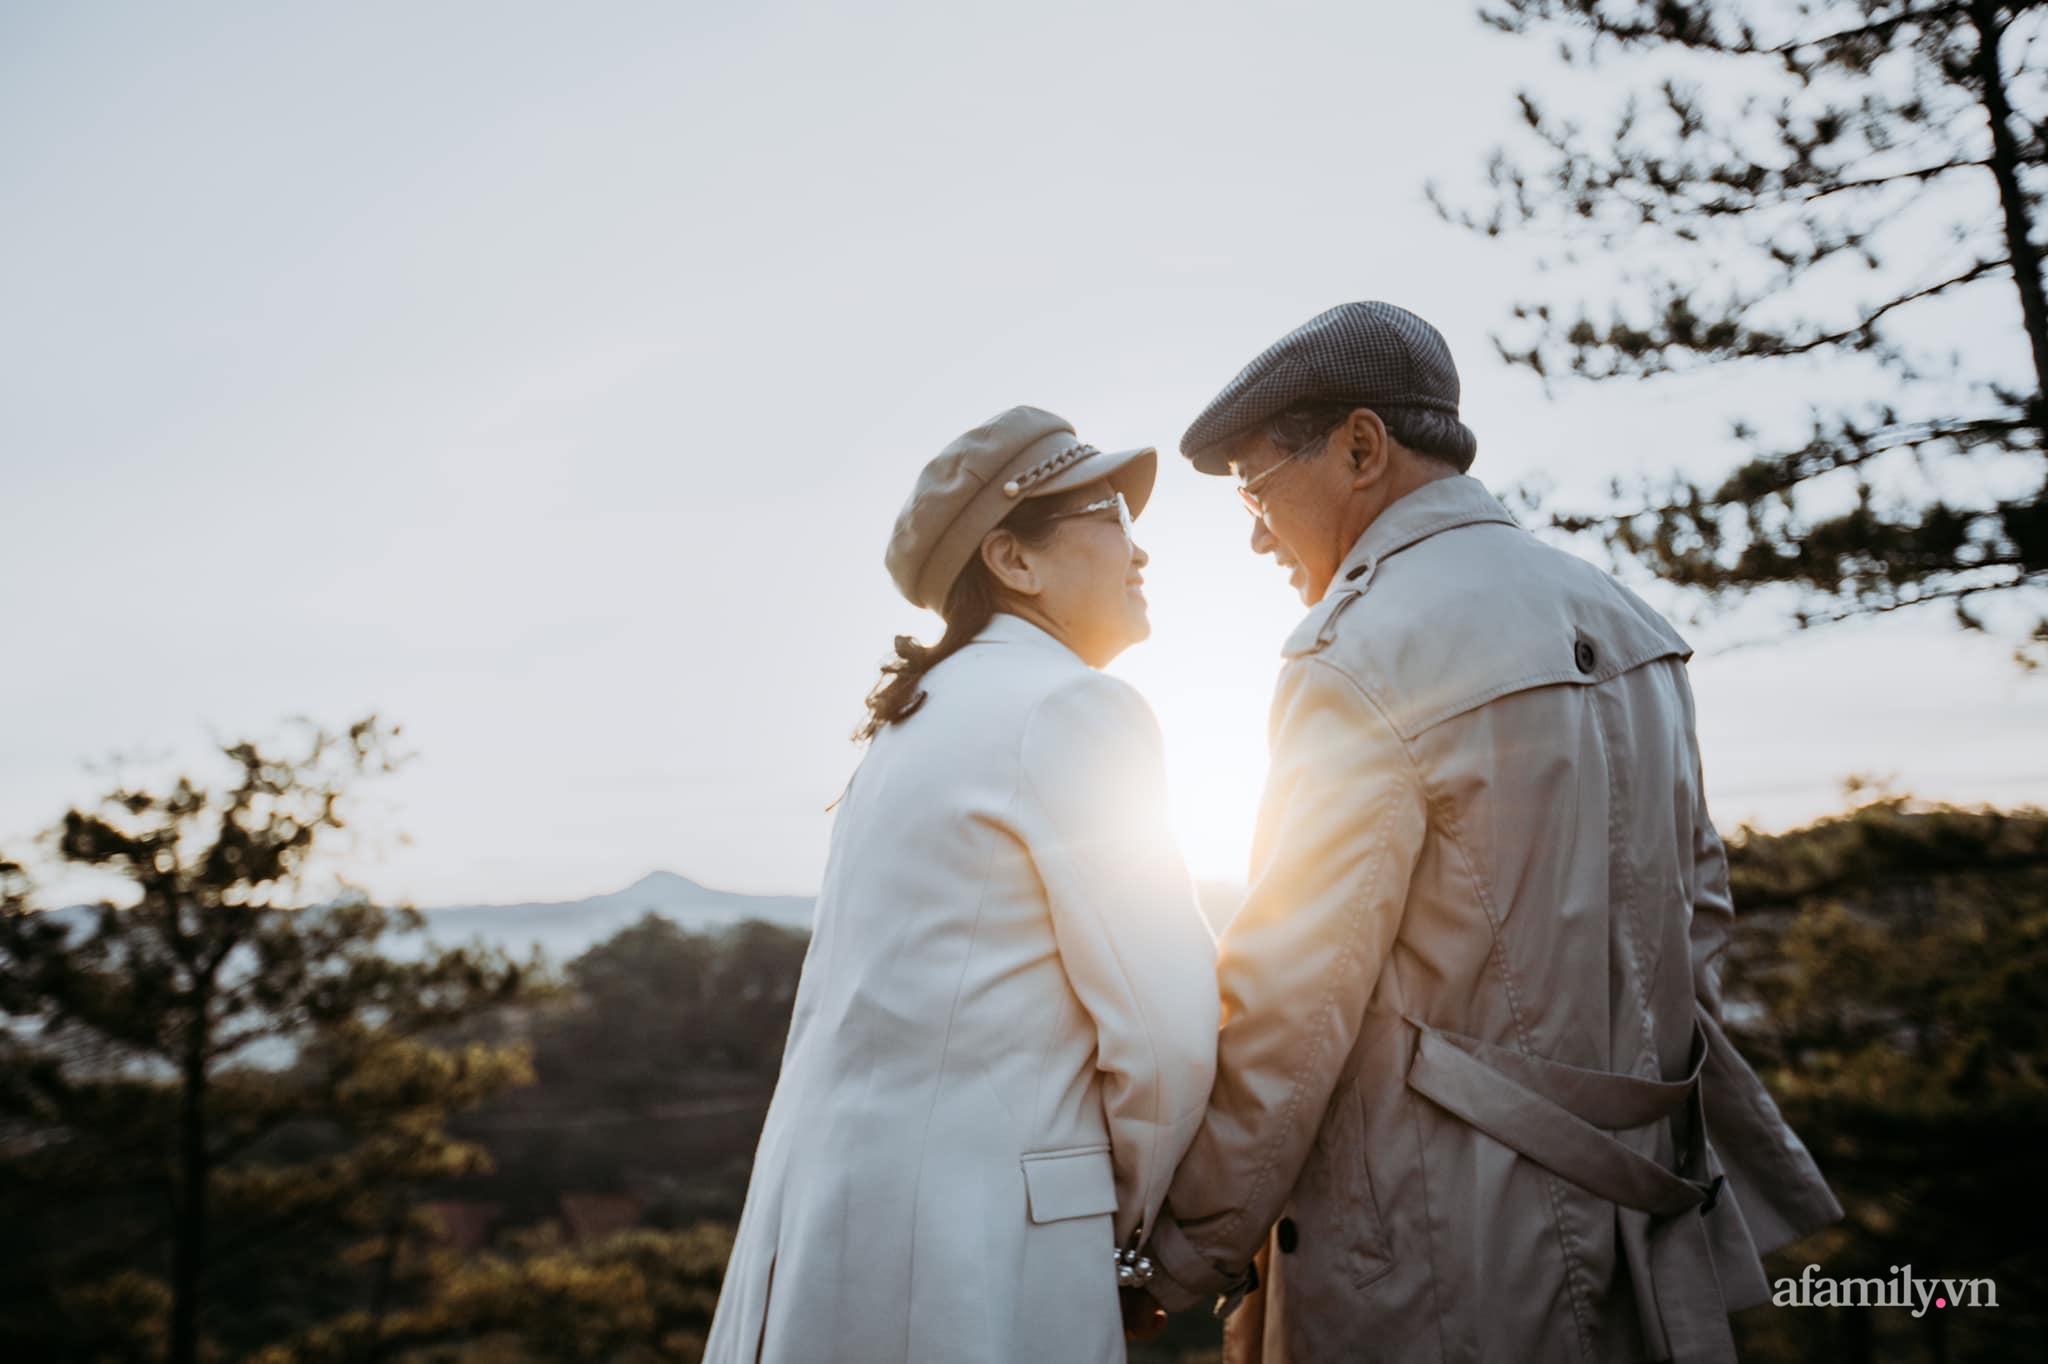 """Bộ ảnh kỉ niệm 47 năm ngày cưới càng ngắm càng thấy """"tình"""" của cặp đôi U80 tại Đà Lạt, khiến ai cũng ước ao có một tình yêu trọn đời ngát xanh - Ảnh 9."""